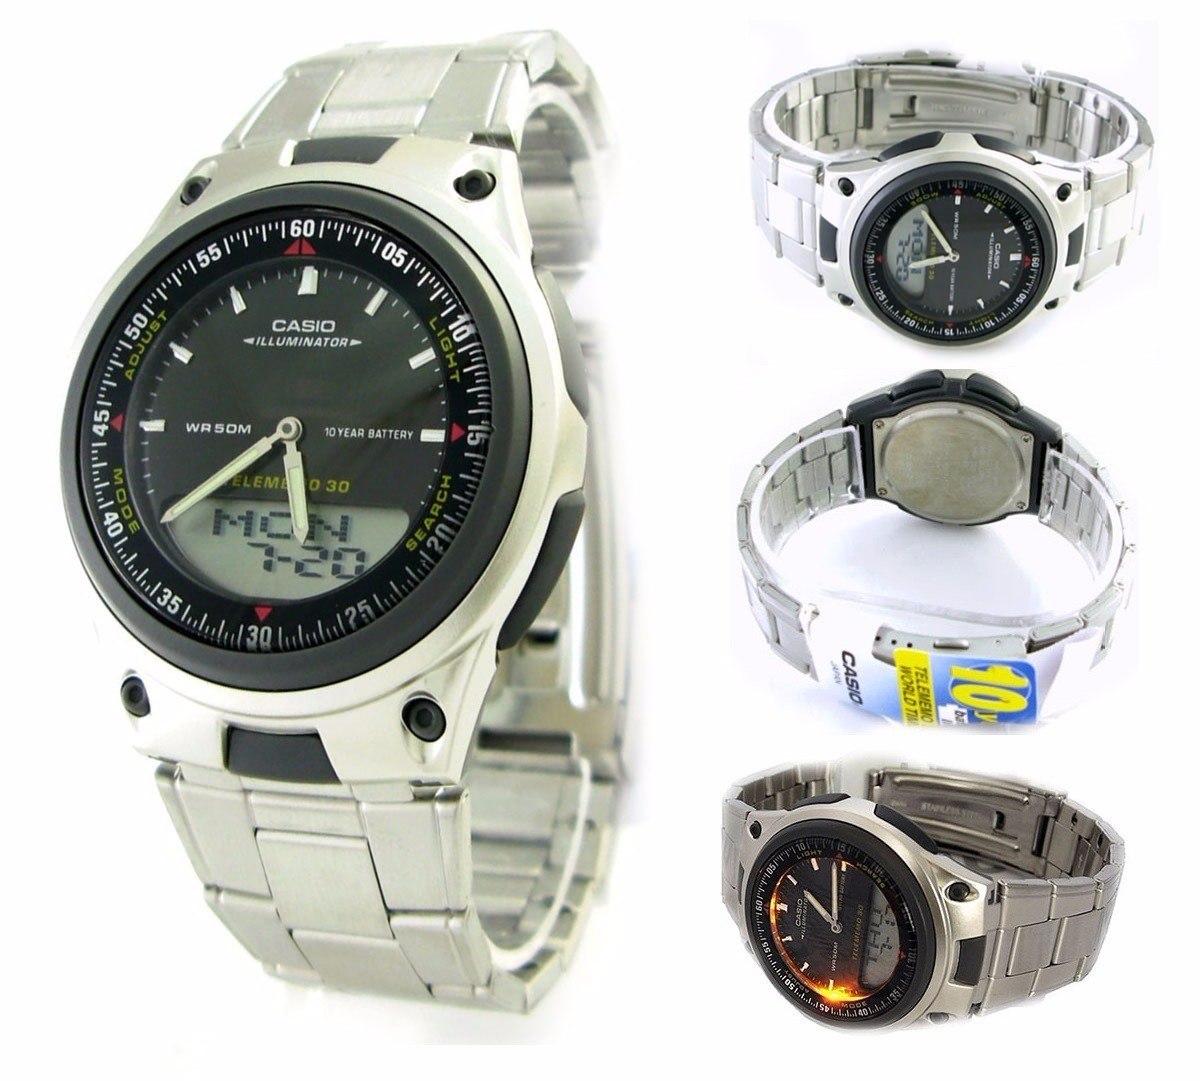 703540dc46f relógio casio aw-80 d 30 fones 3 alarmes prova d água 30m pt. Carregando  zoom.